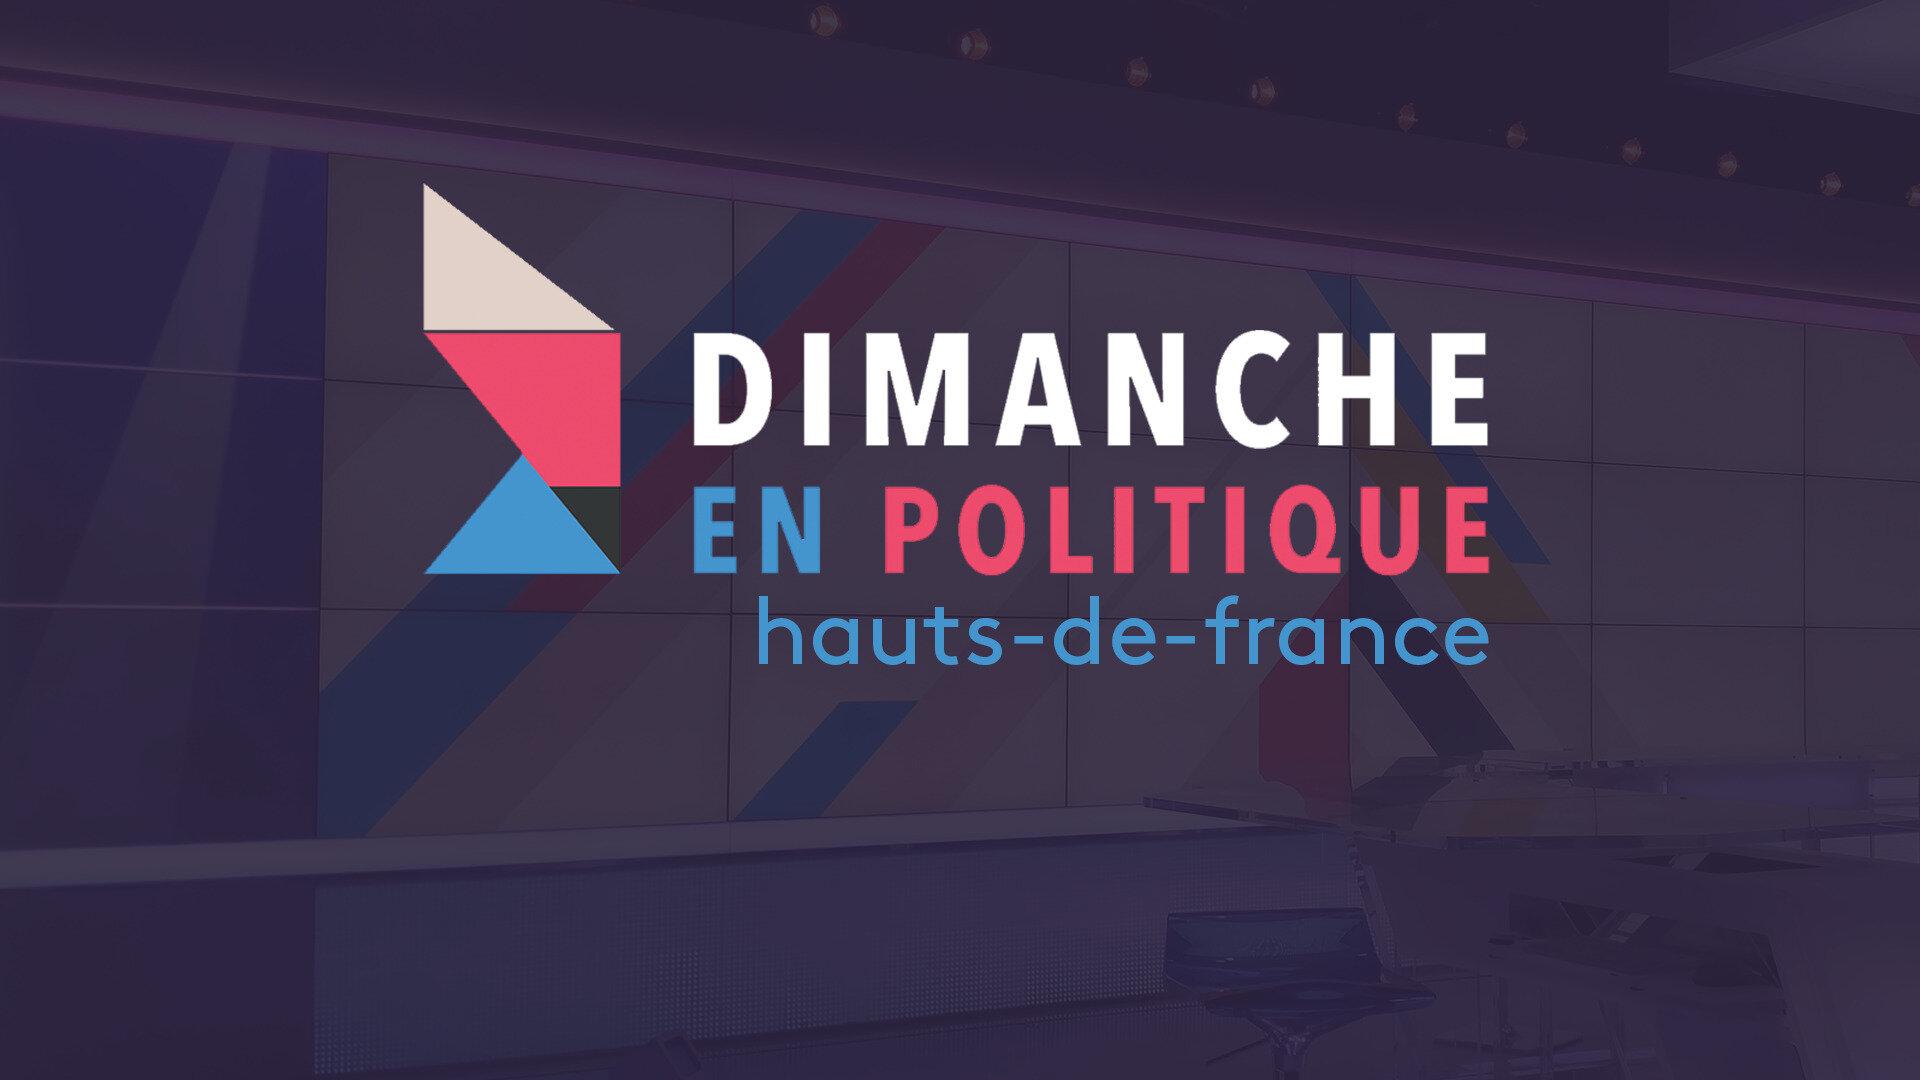 Dimanche en politique - Hauts-de-France : La jeunesse et la politique culturelle